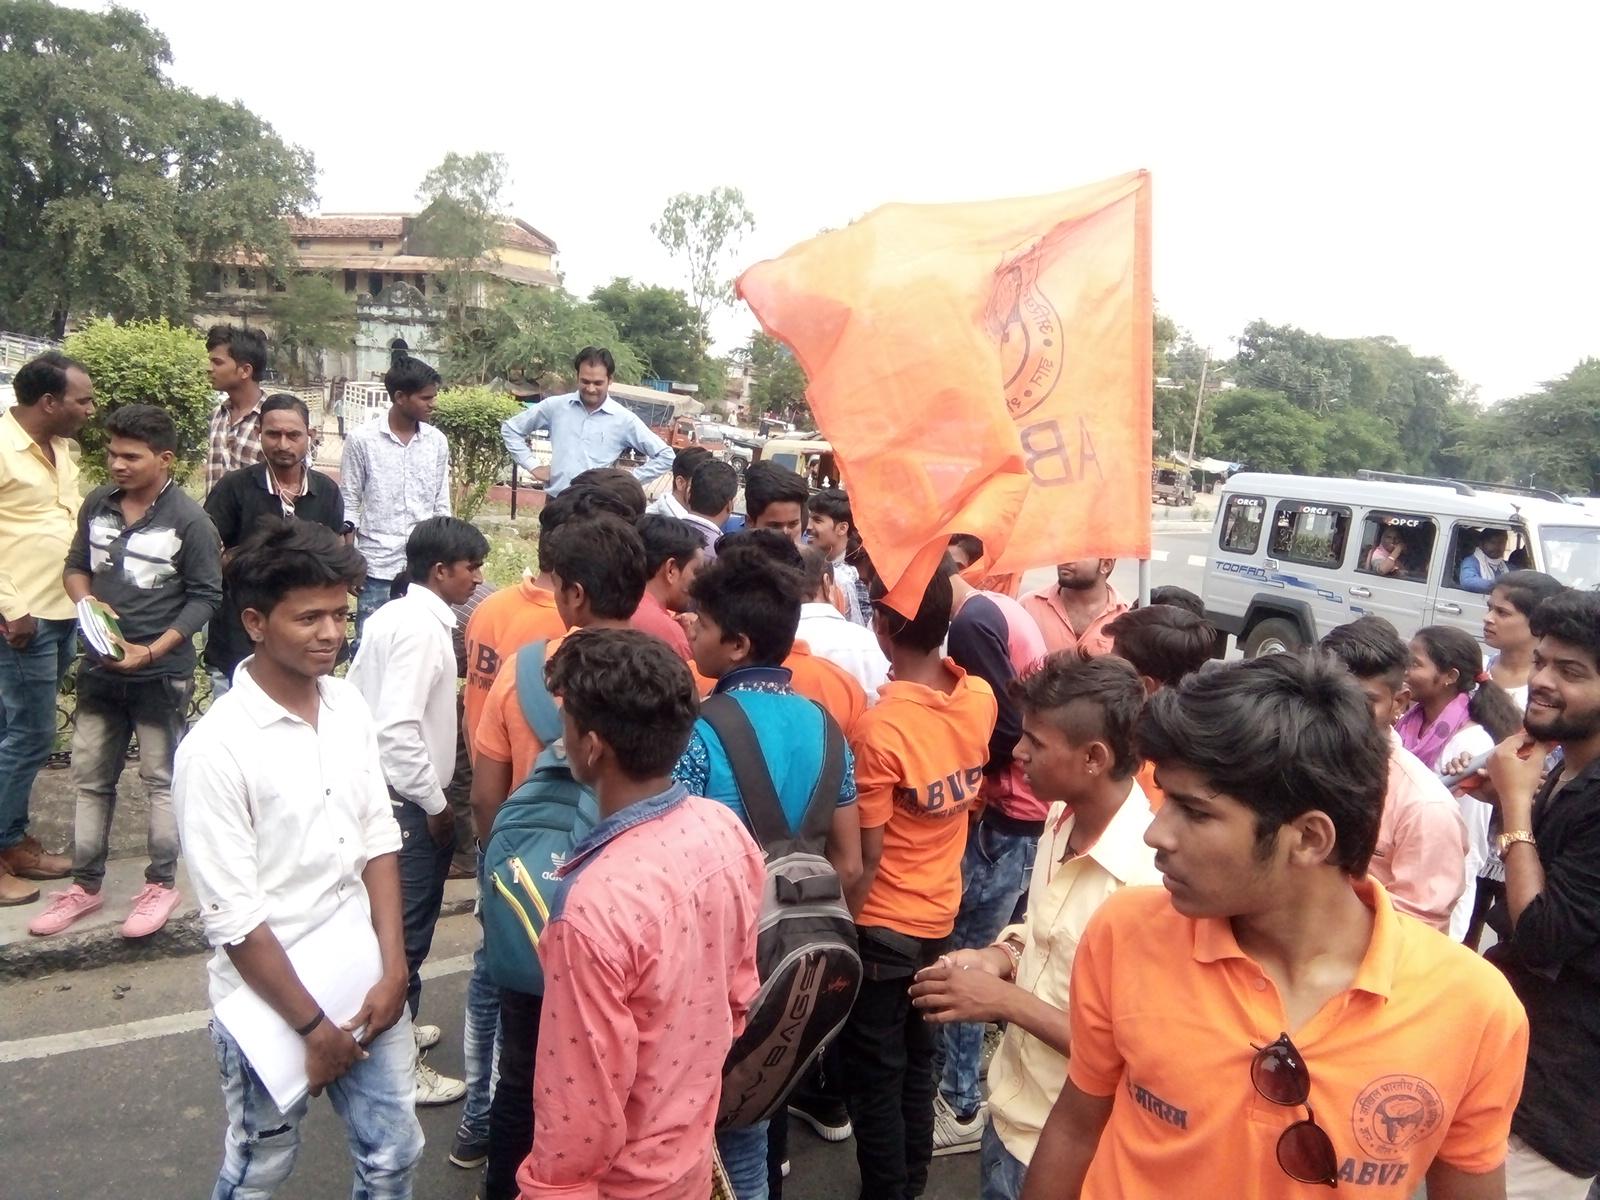 छात्र संघ का चुनाव न कराने को लेकर शिवराज सरकार के खिलाफ किया धरना प्रदर्शन-अखिल भारतीय विद्यार्थी परिषद्-The-protest-against-the-Shivraj-Singh-government-against-the-election-of-the-student-union